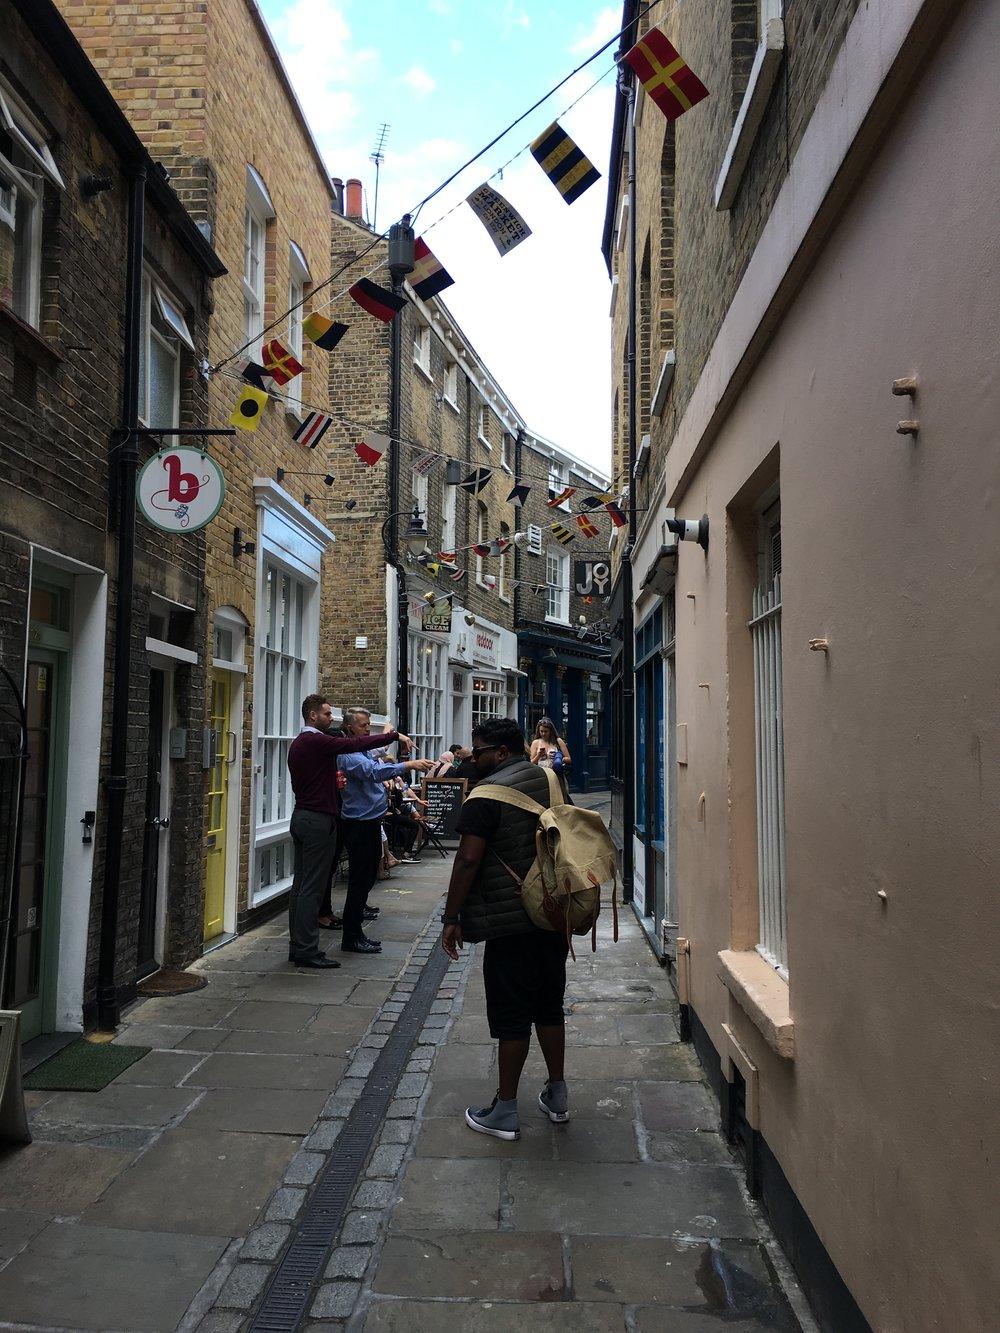 greenwich-street-london